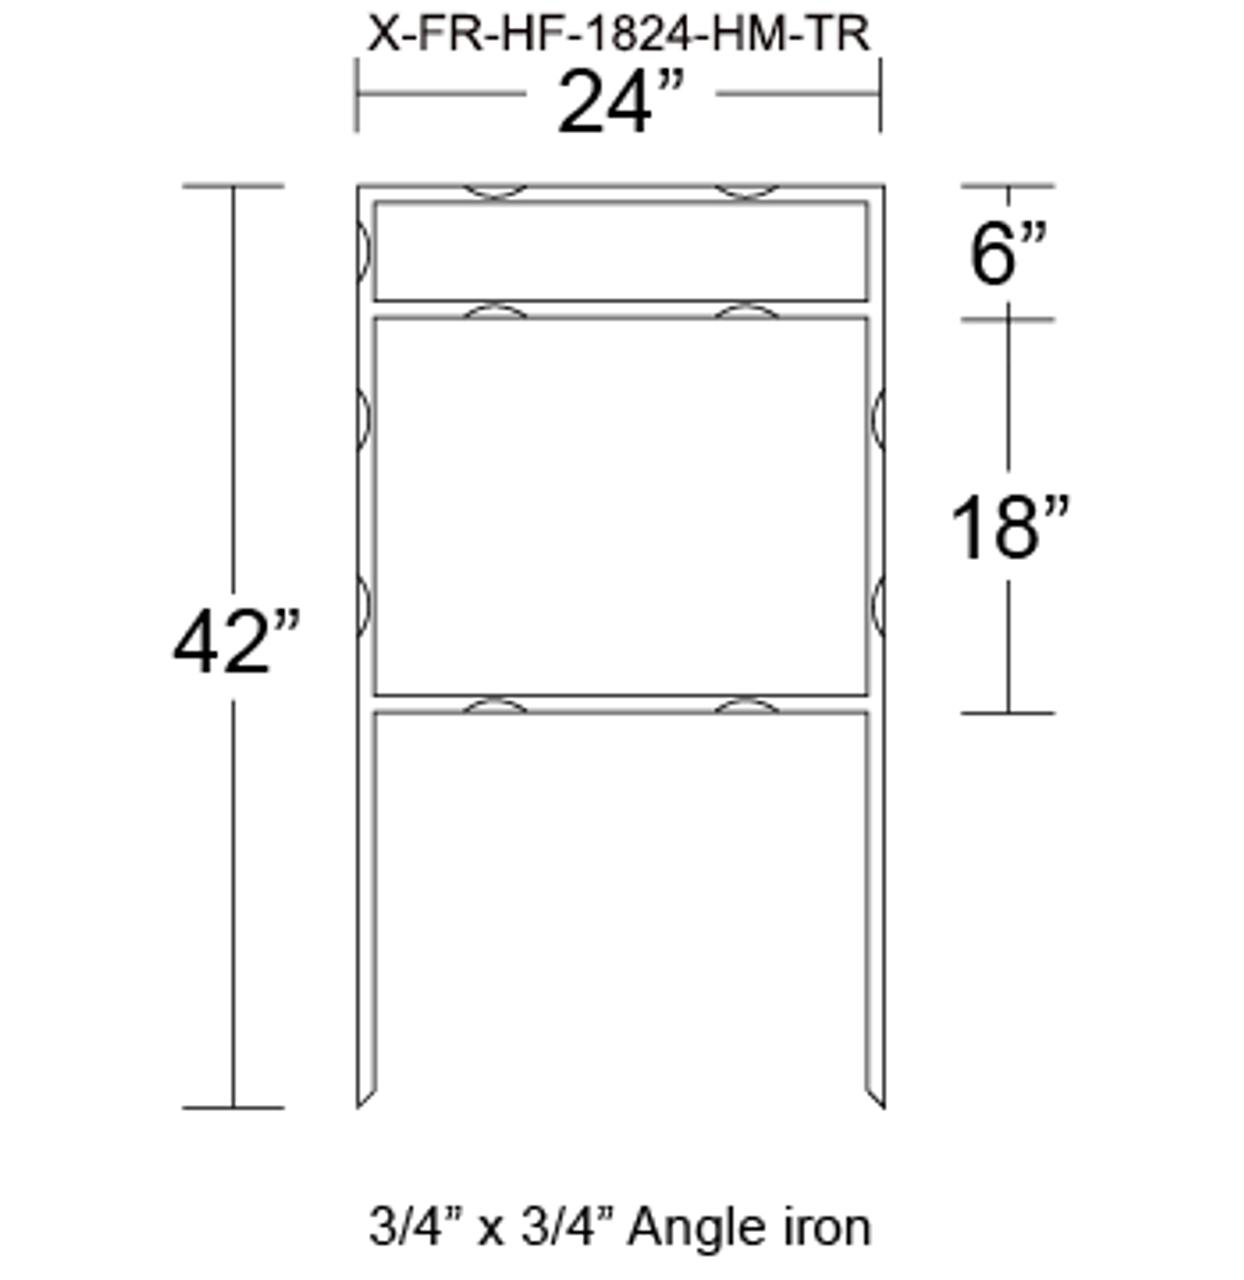 X-FR-HF-1824-HM-TR